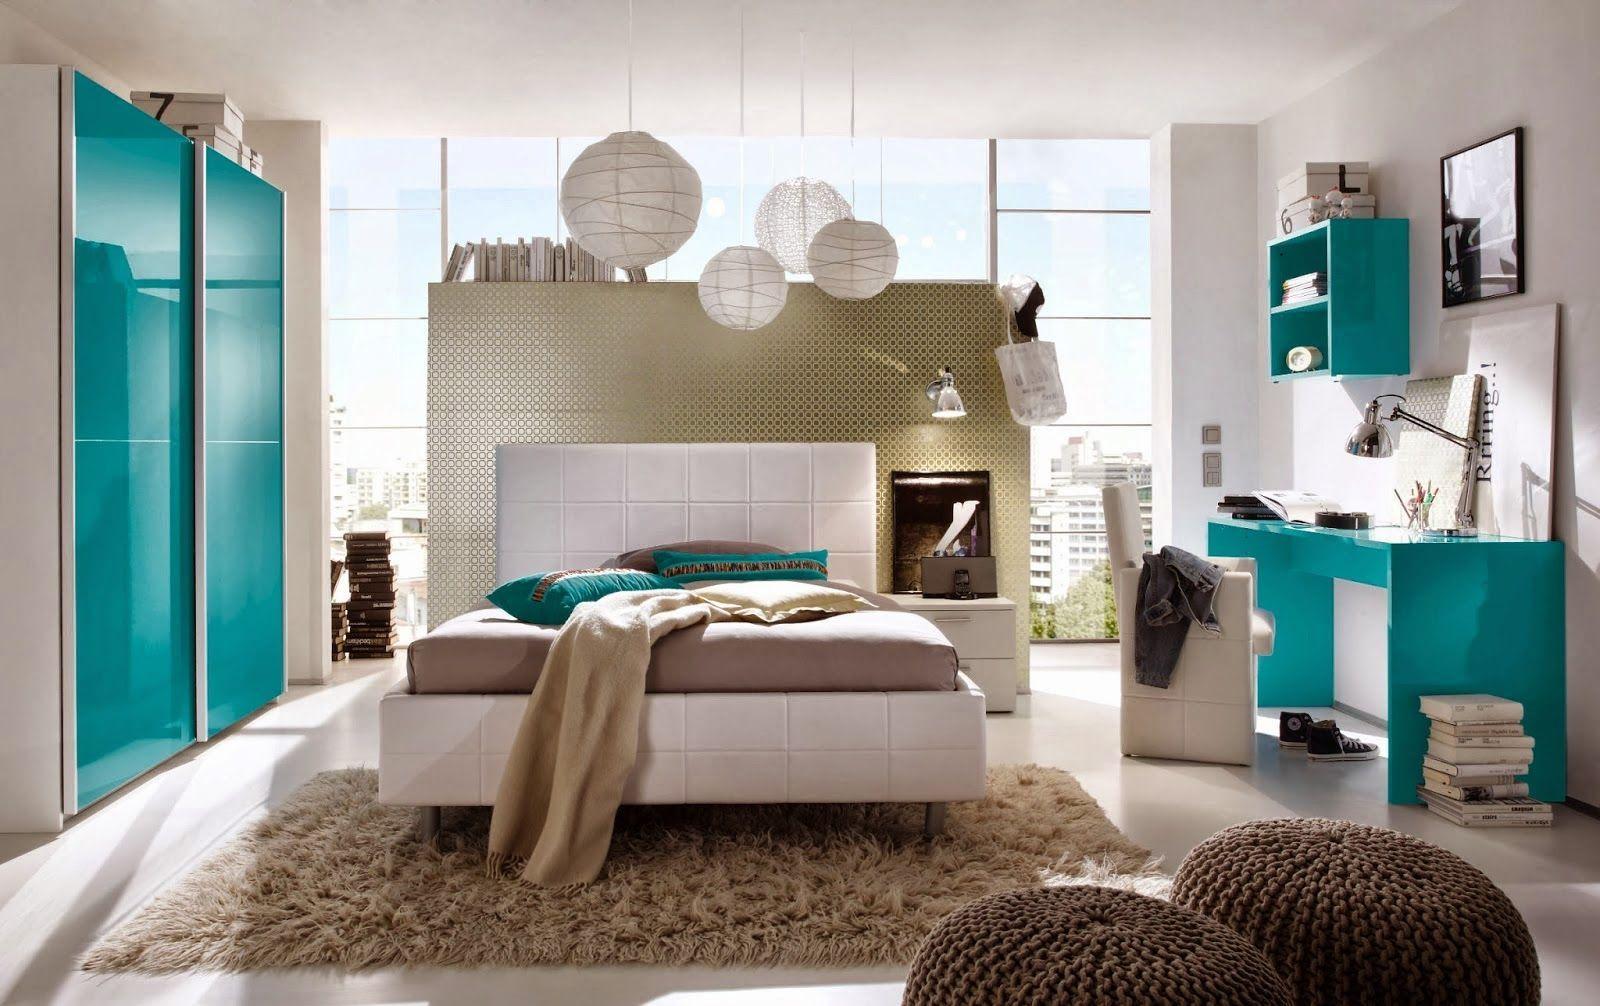 Cuarto turquesa decoraci n pinterest dormitorio gris for Habitacion blanca y turquesa